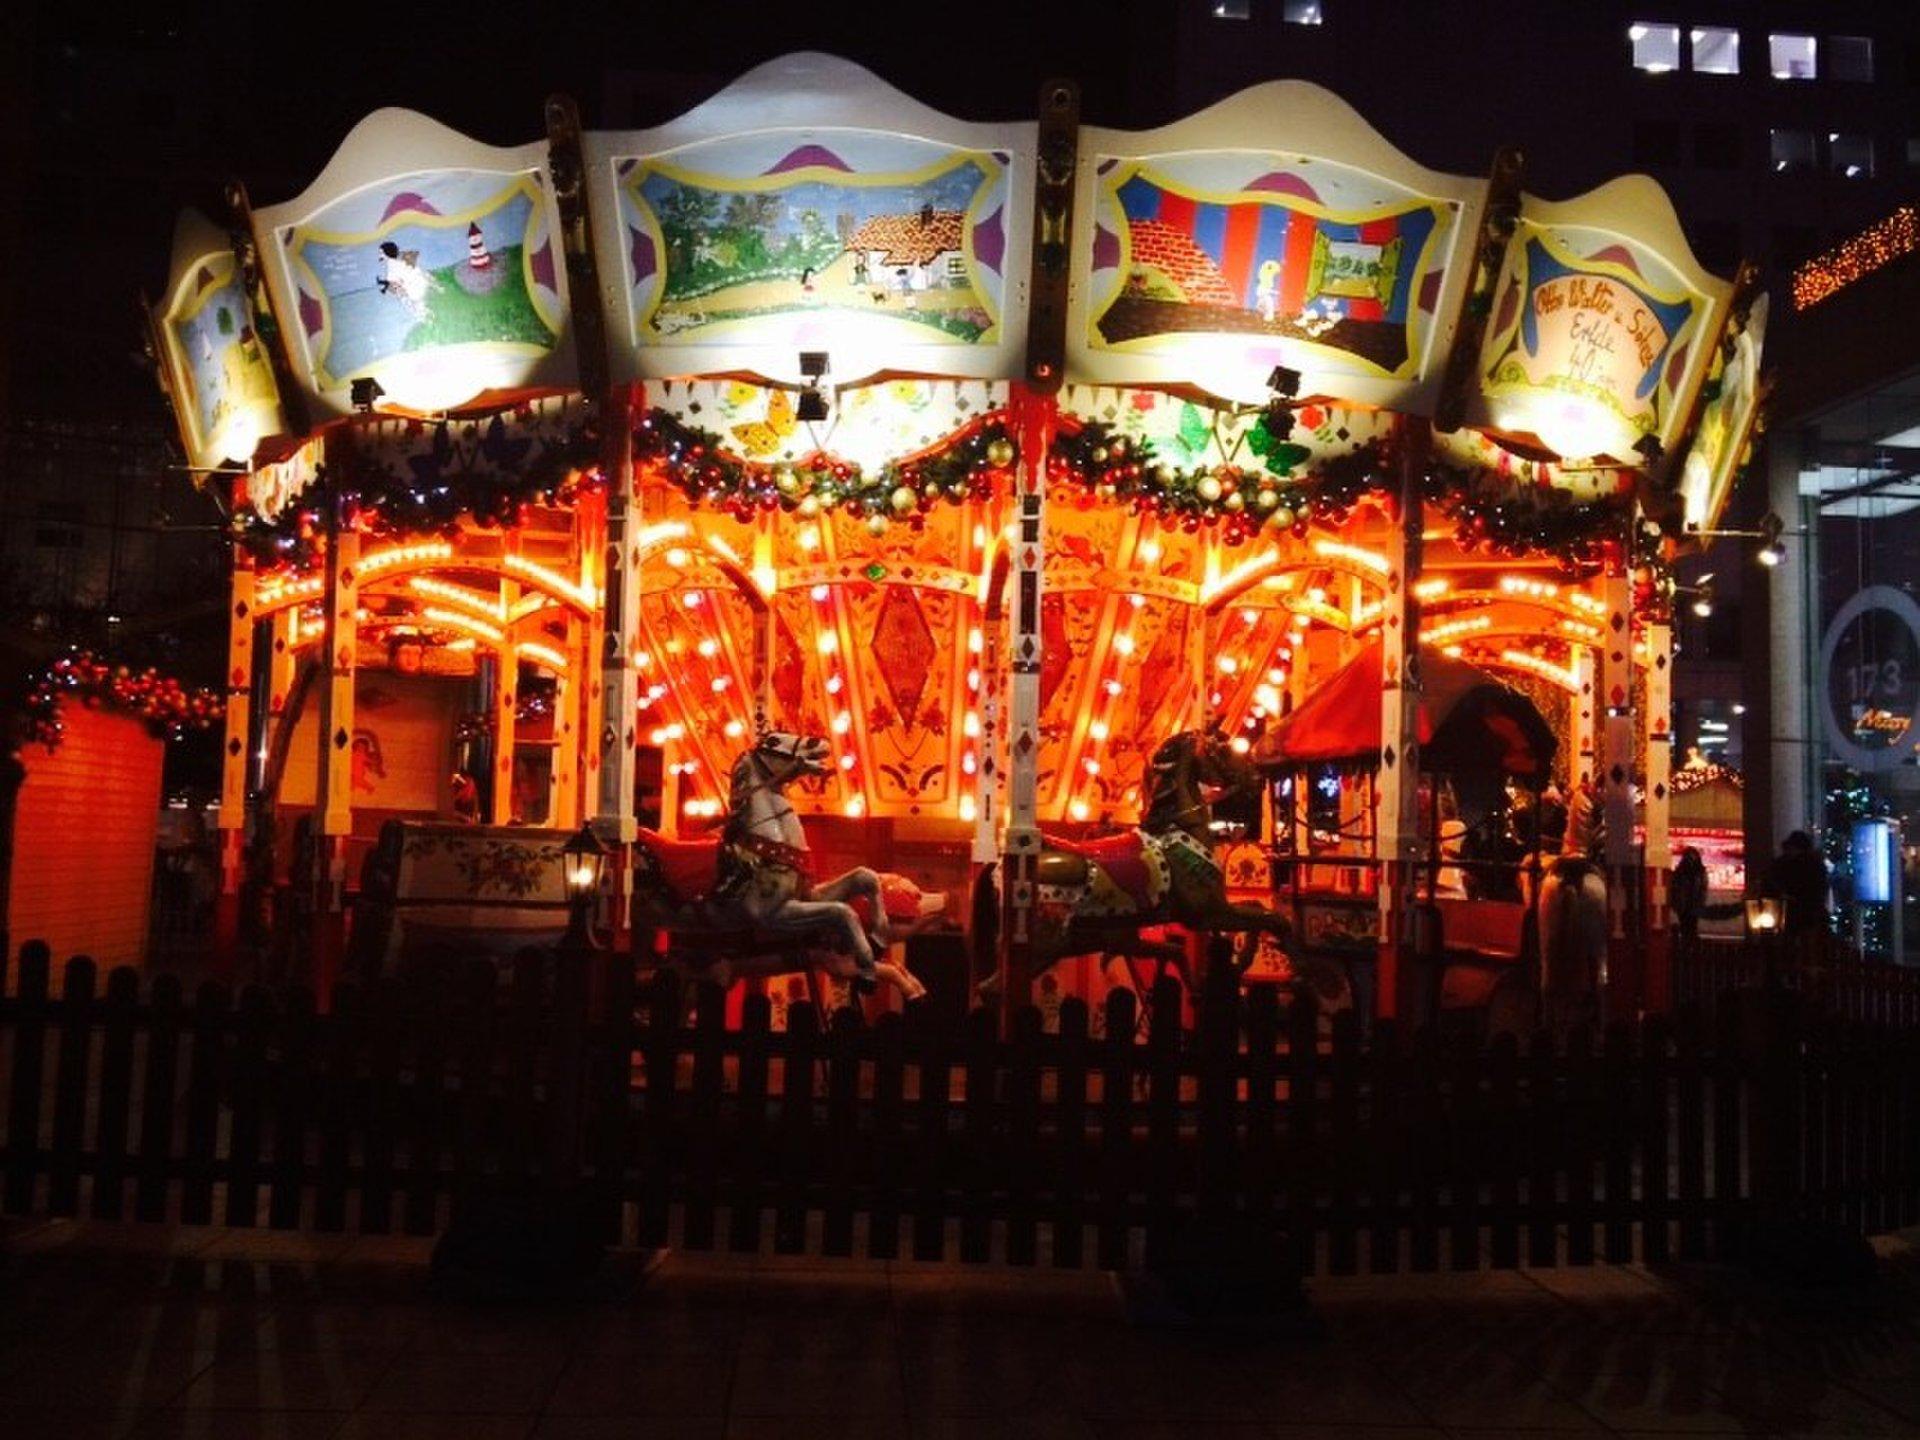 【大阪×人気イルミネーション】大阪府内で2位の梅田スカイビルはクリスマスツリーが綺麗すぎる!